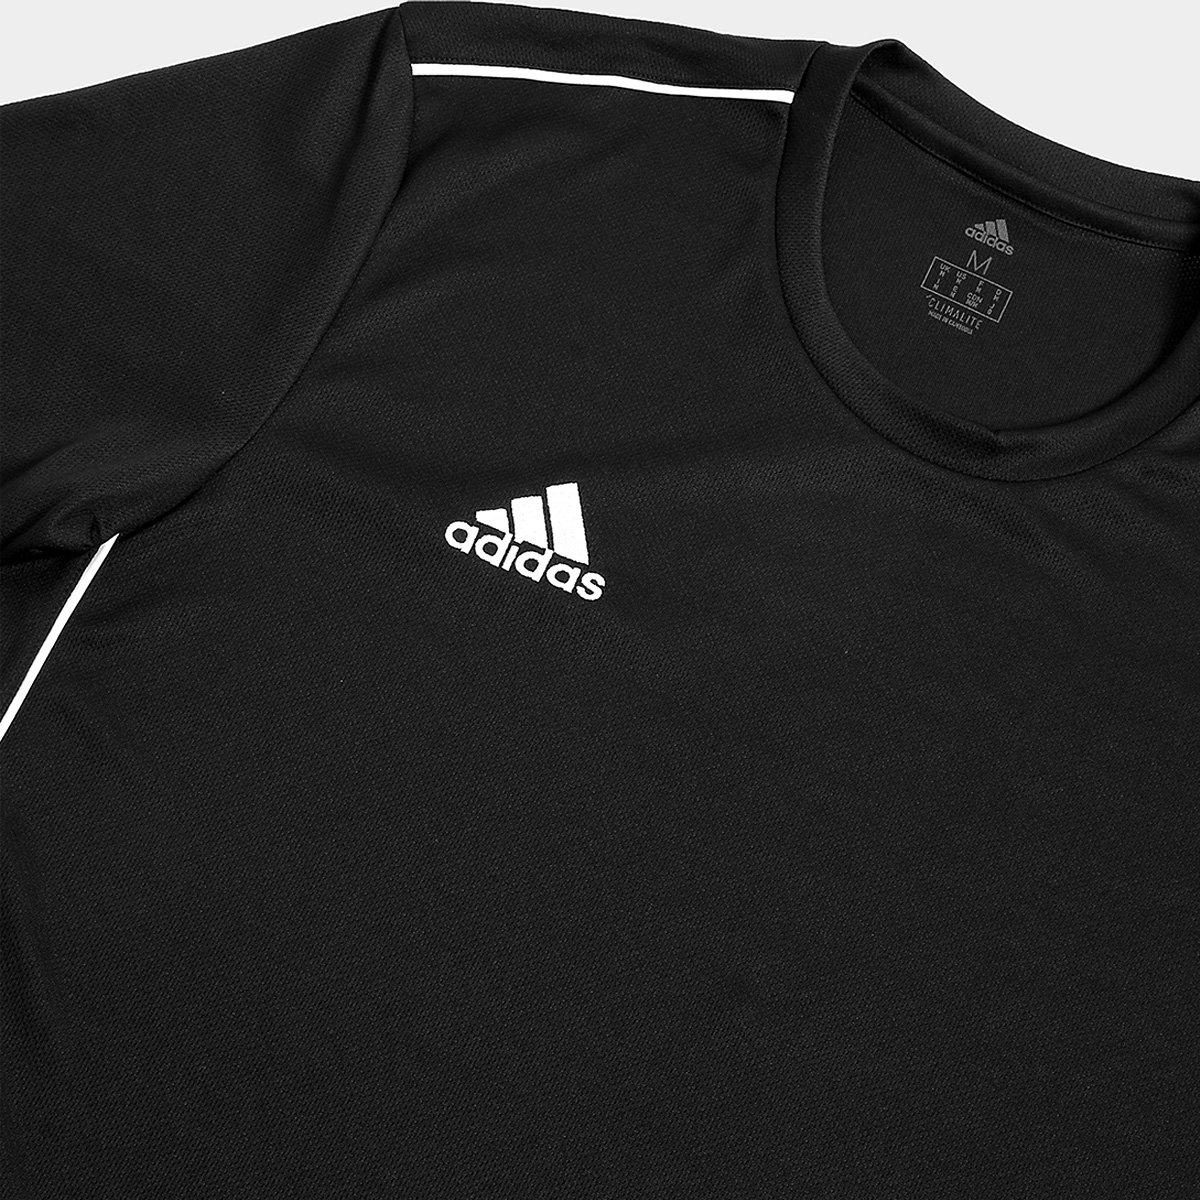 Camiseta Adidas Core 18 Masculina - Preto e Branco - Compre Agora ... 706f68e4789d8